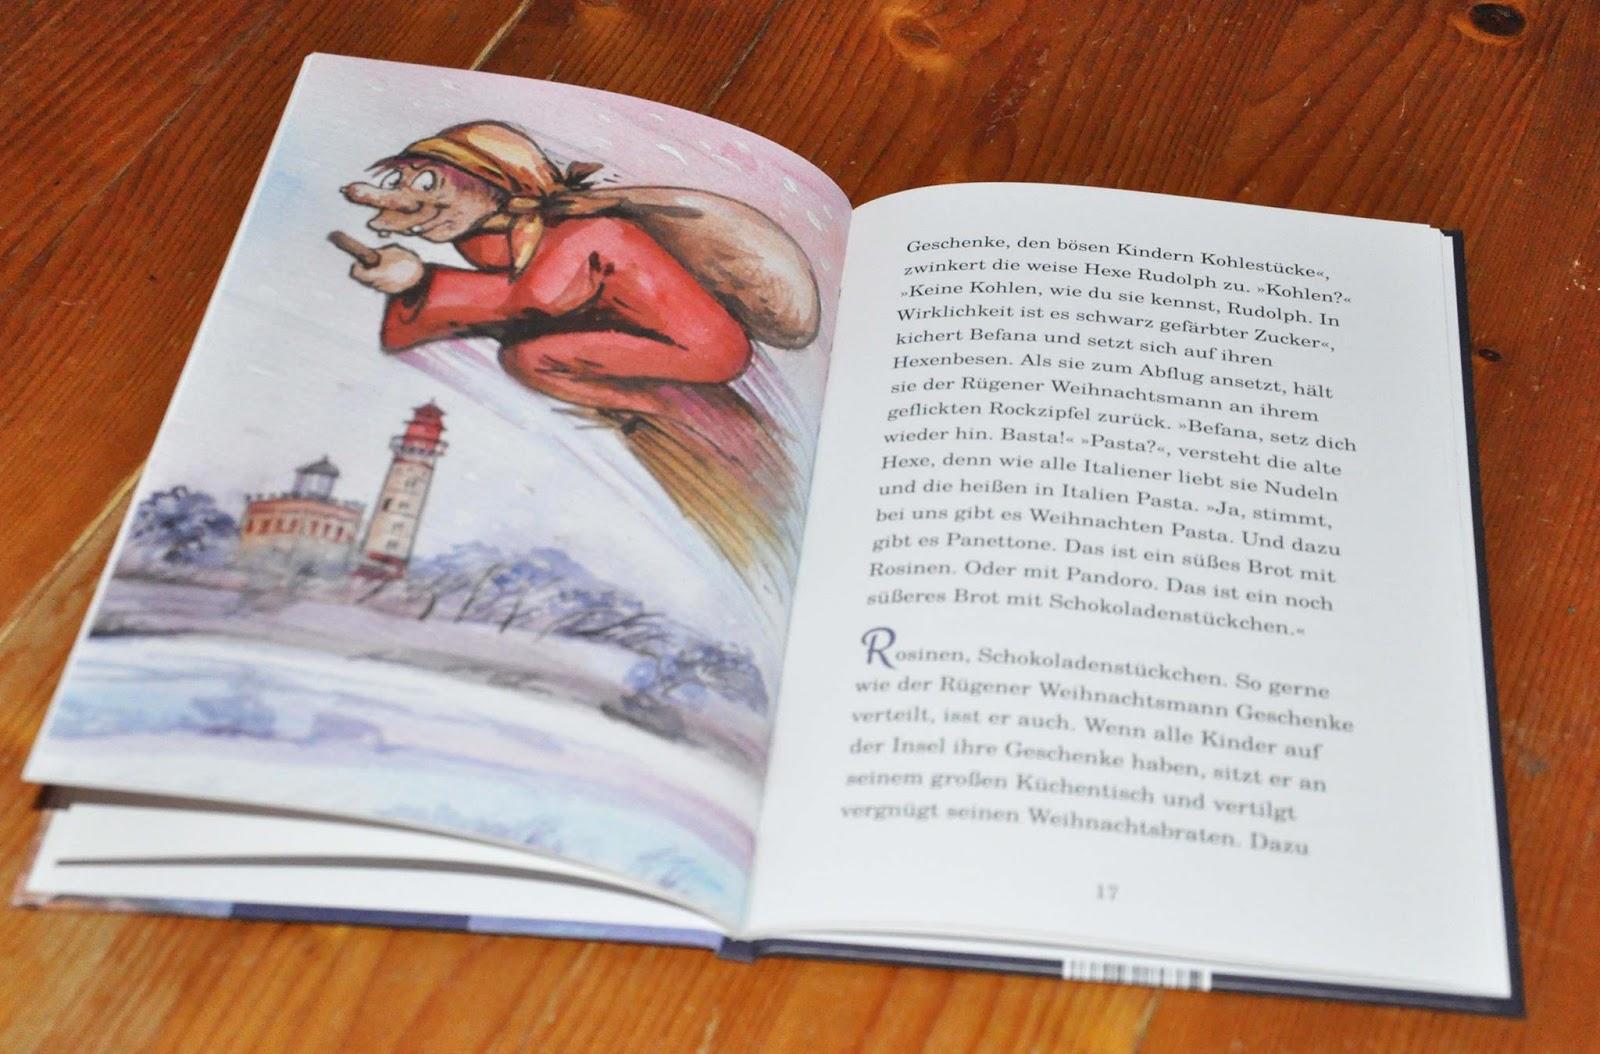 Rügens Weihnachtsmüder Weihnachtsmann Inselkinder Verlag Isbn 978 3 9817217 6 8 32 Seiten 11 50 Euro De